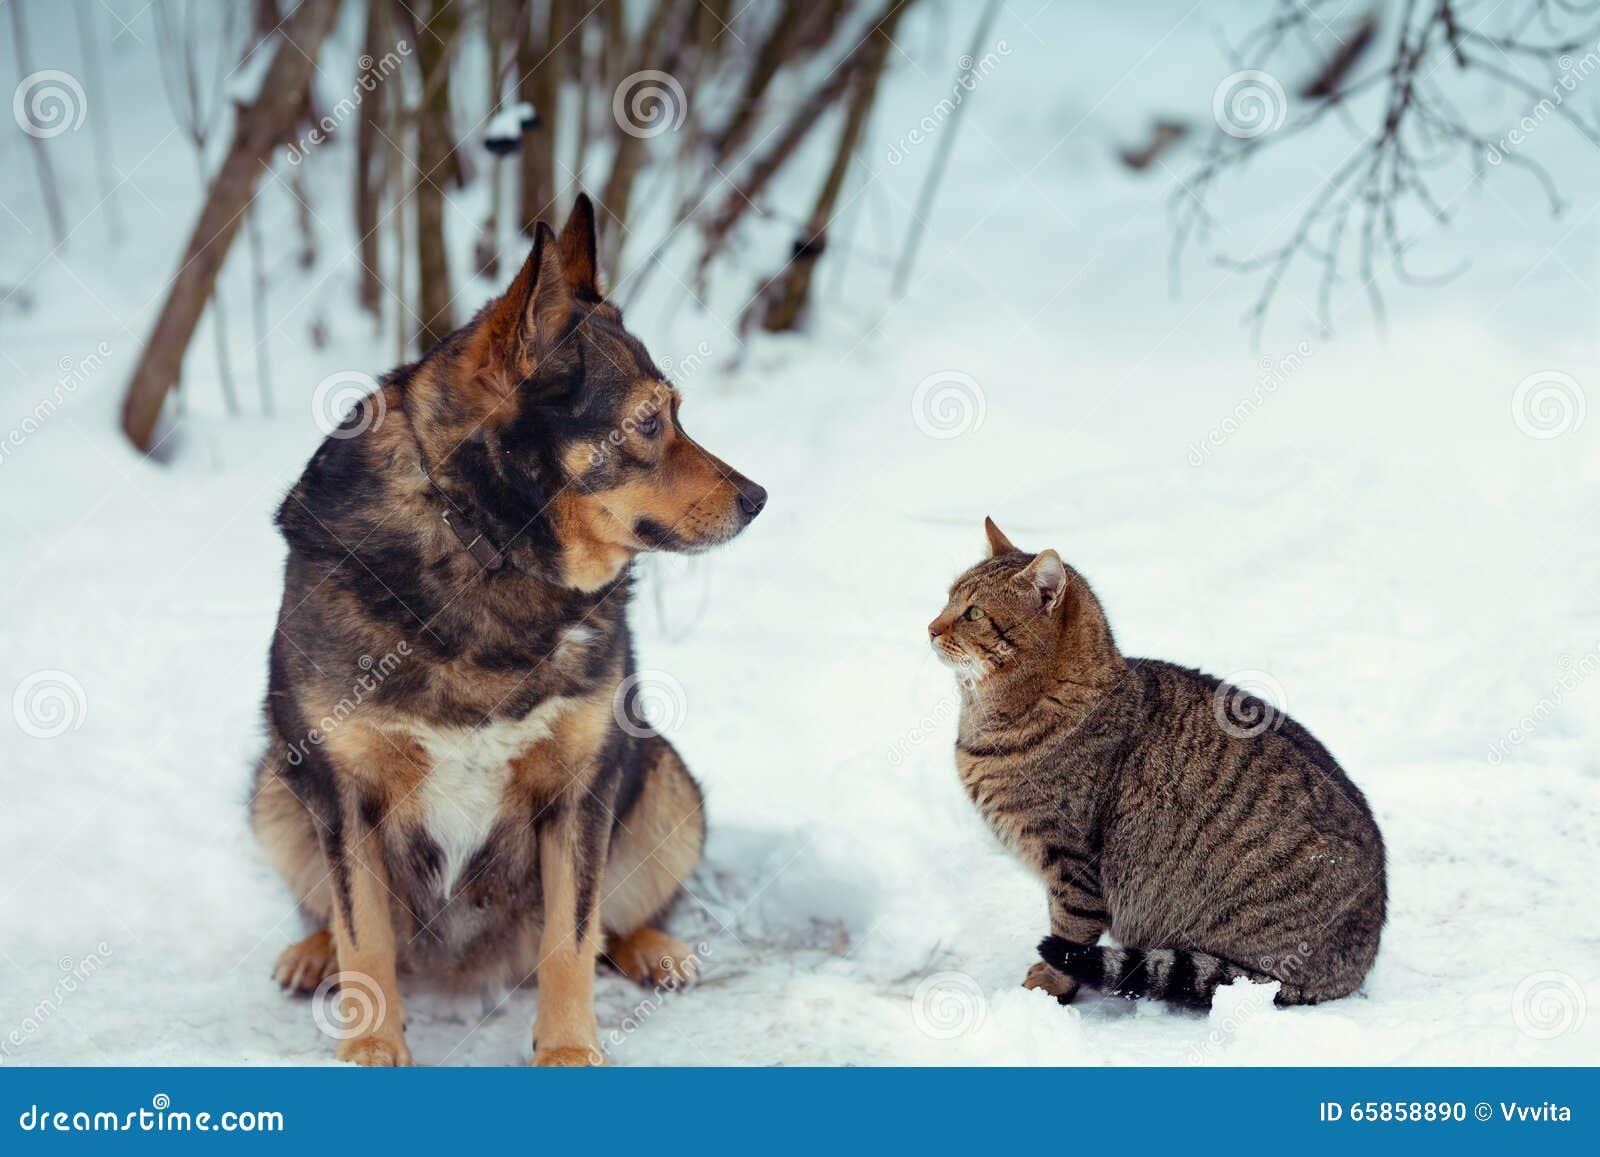 hund und katze die zusammen im schnee sitzen stockfoto. Black Bedroom Furniture Sets. Home Design Ideas